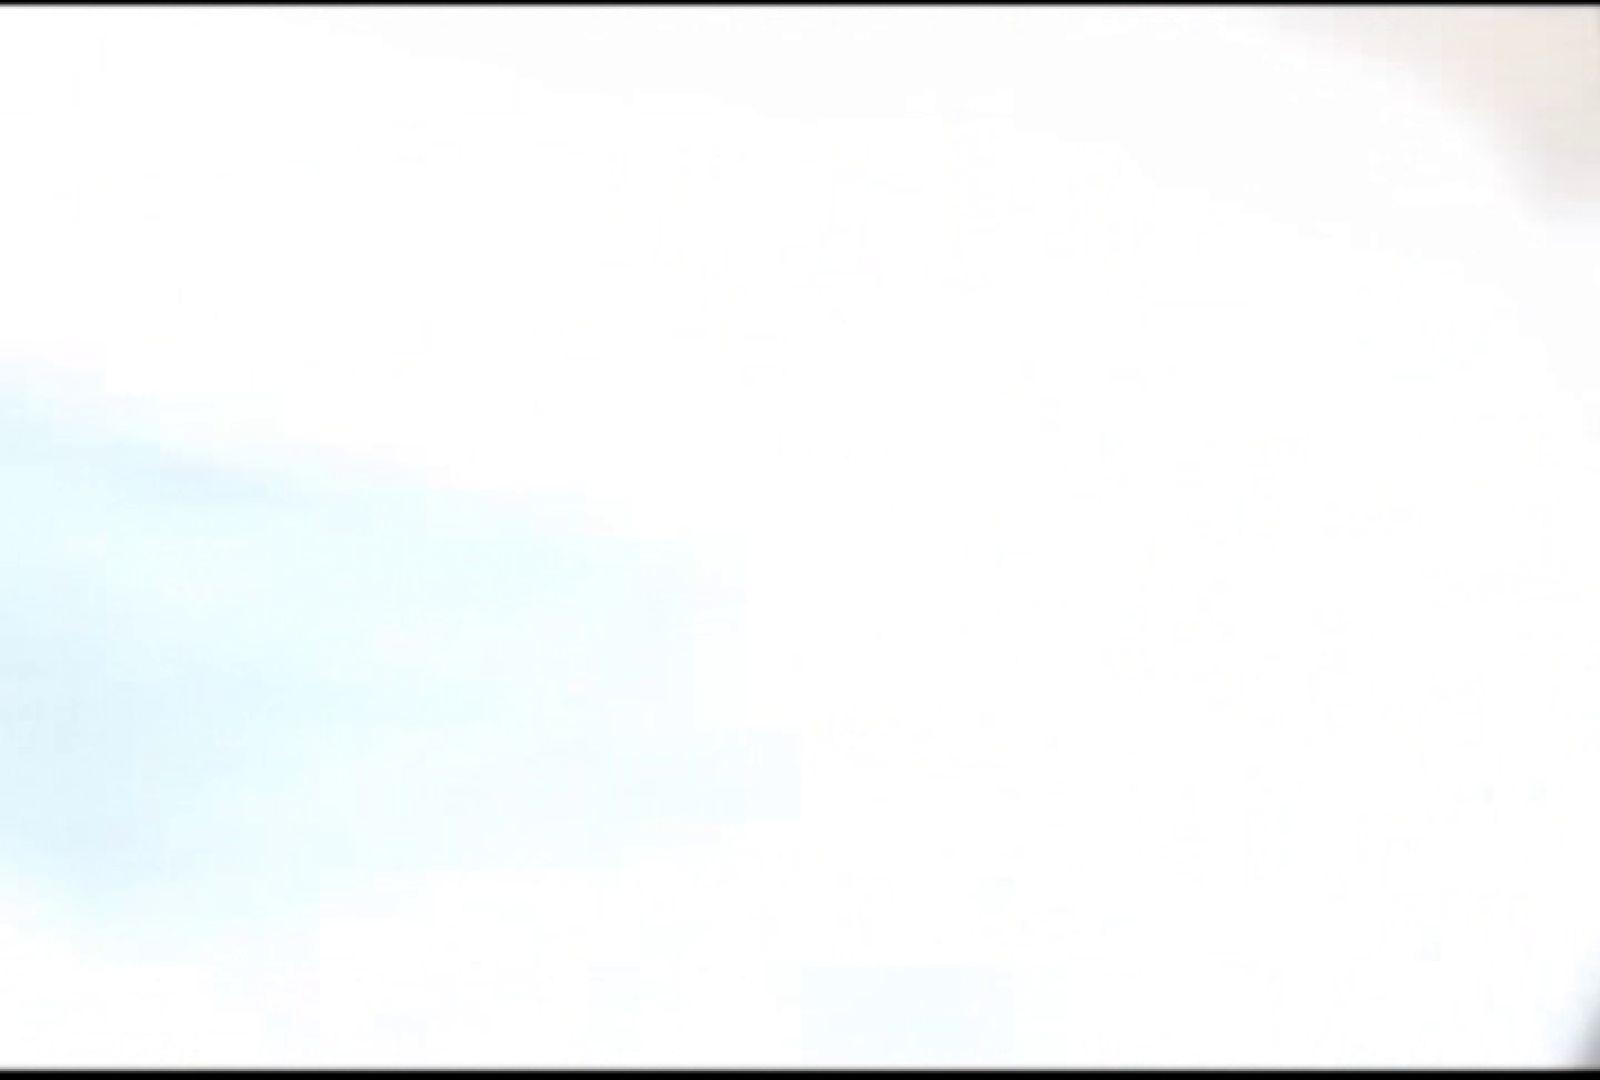 洗面所で暗躍する撮師たちの潜入記Vol.4 おまんこ無修正  104画像 85